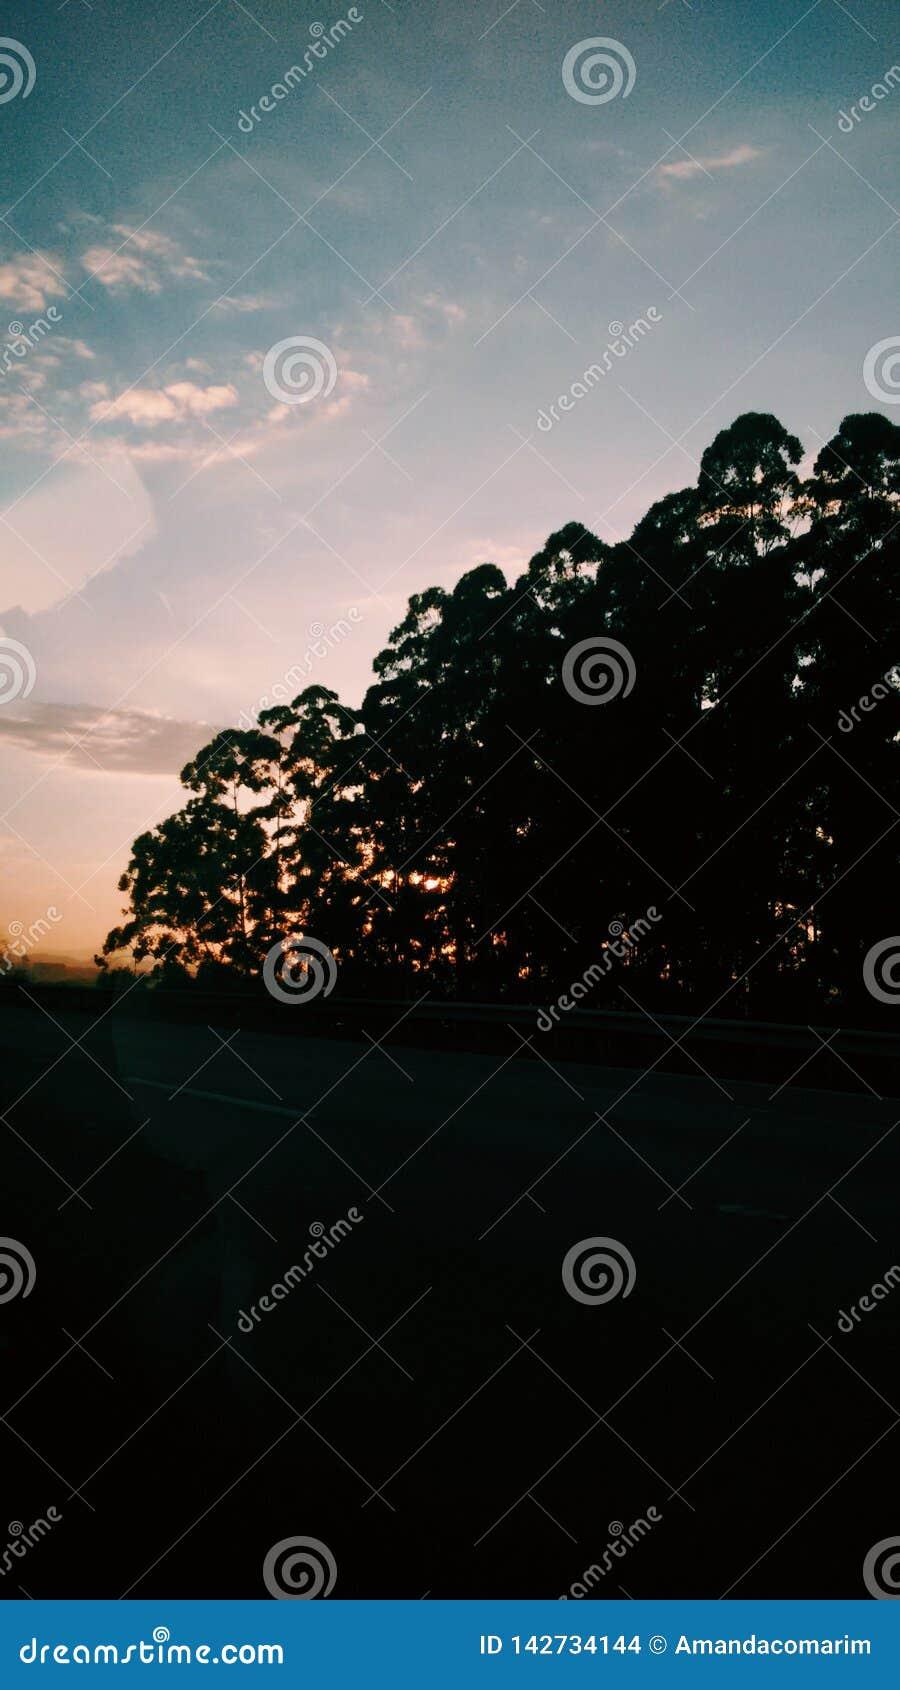 Sunrise behind tree on road